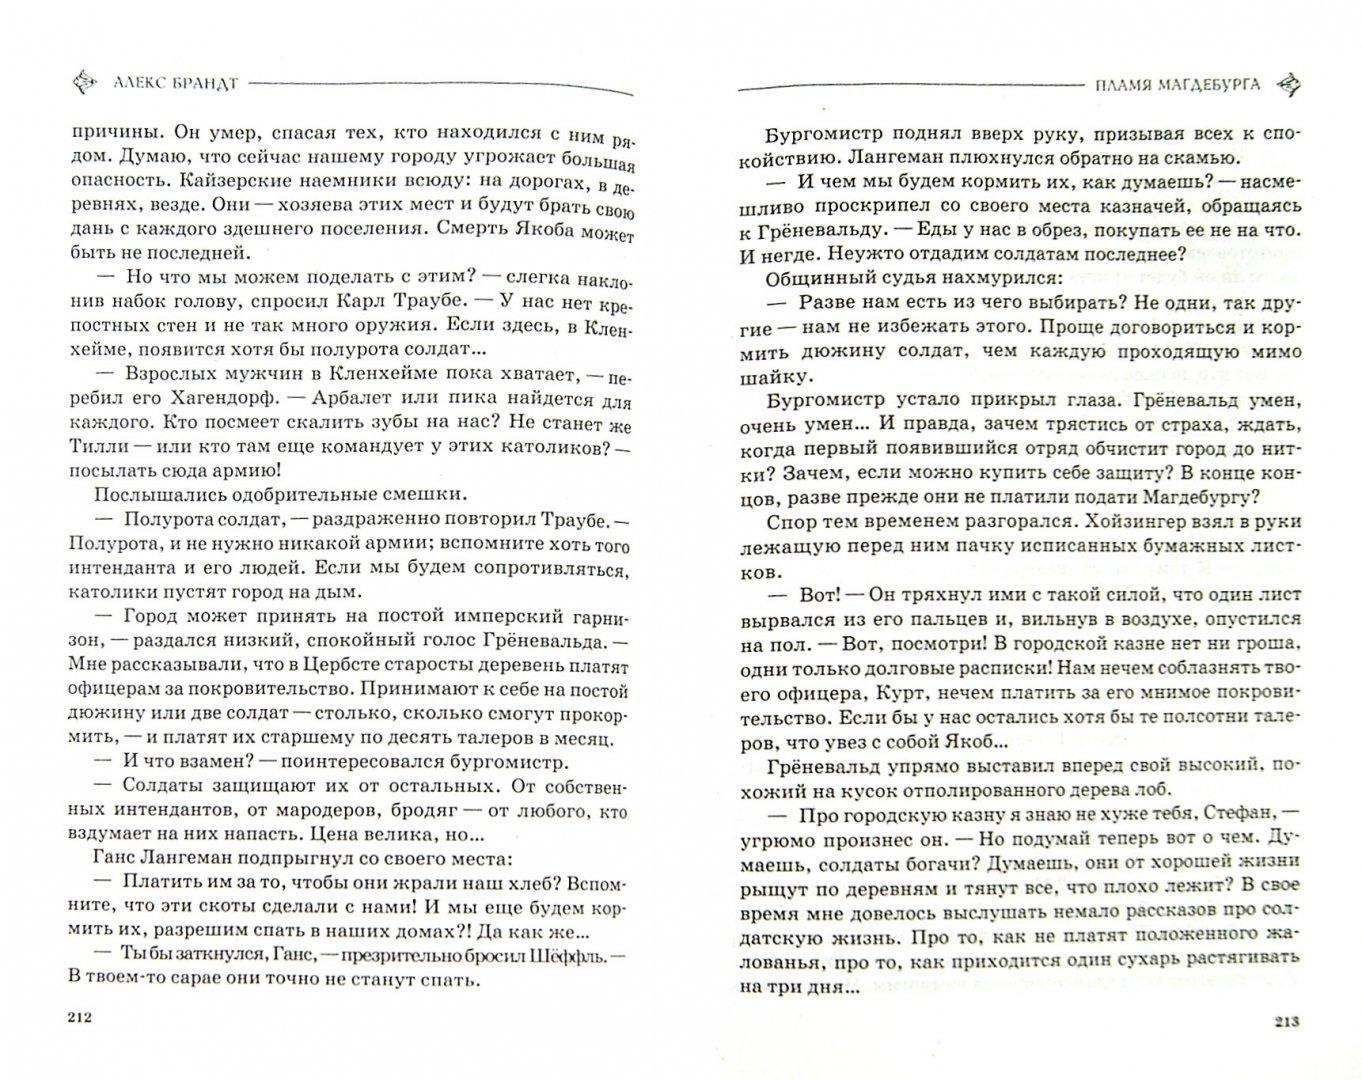 Иллюстрация 1 из 8 для Пламя Магдебурга - Алекс Брандт   Лабиринт - книги. Источник: Лабиринт